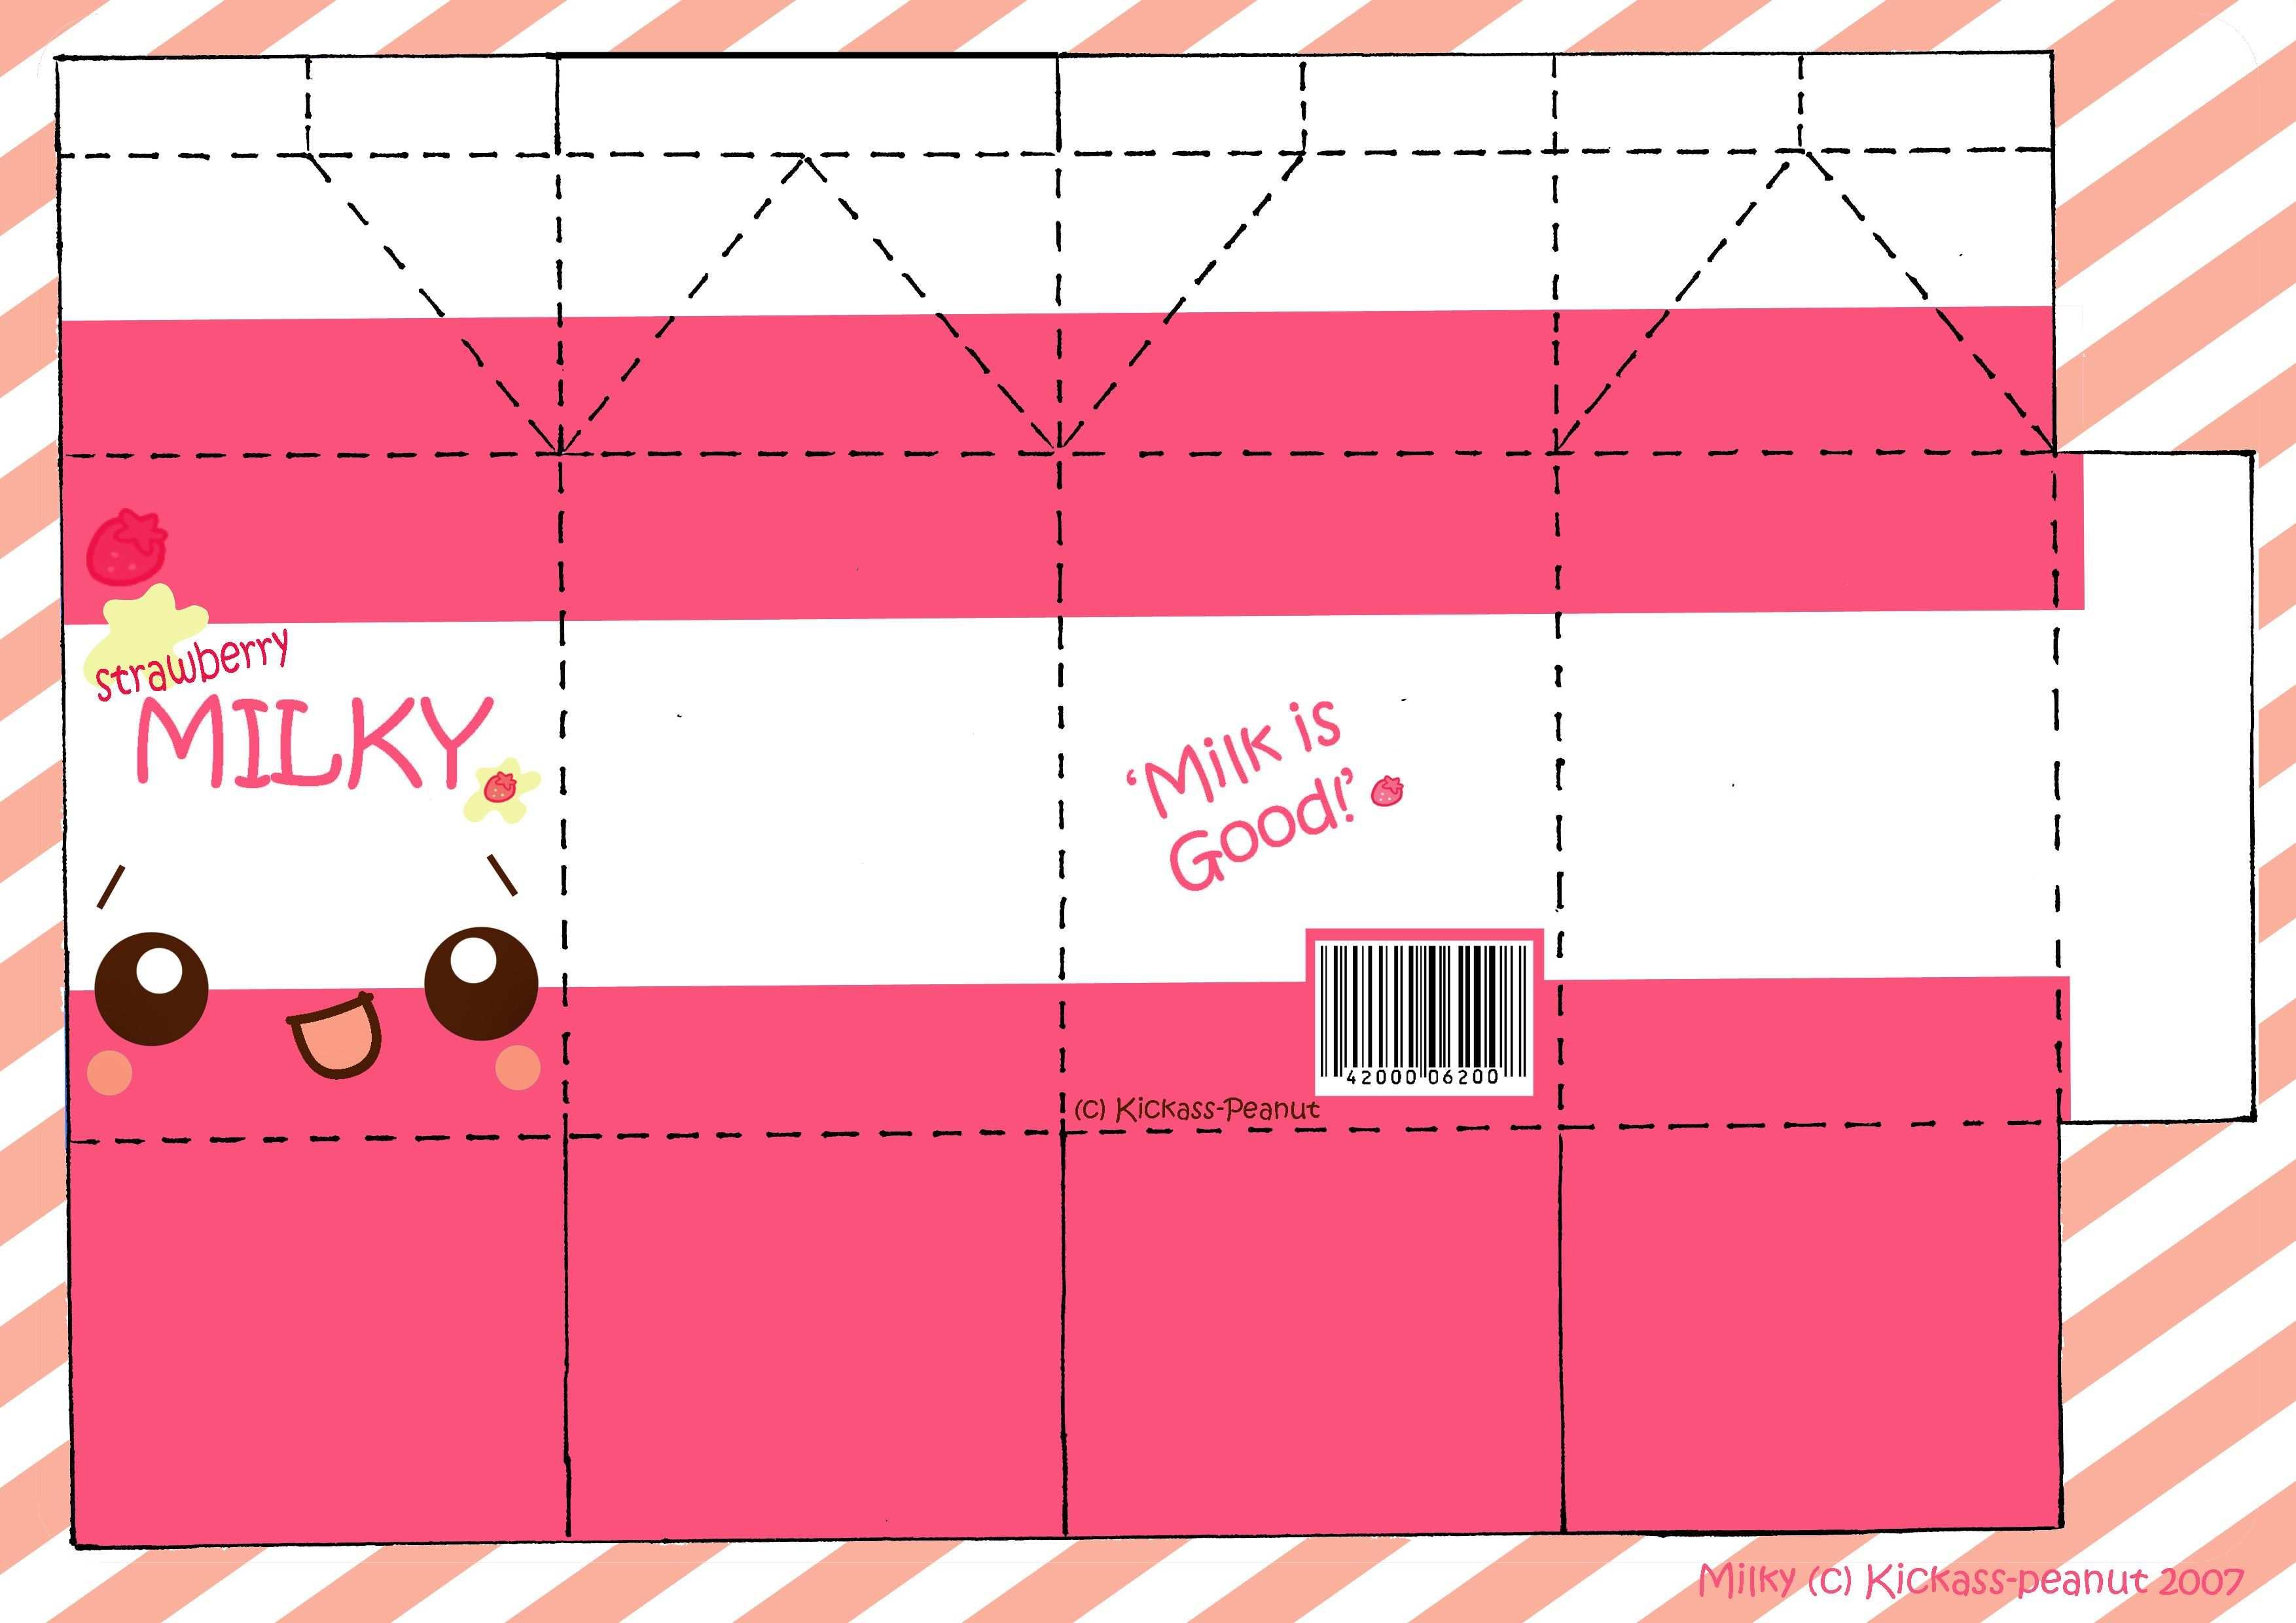 Strawberry Milky Papercraft By Kickass Peanut Jpg 3508 2480 Bastelvorlagen Bastelarbeiten Aus Papier Und Pappe Basteln